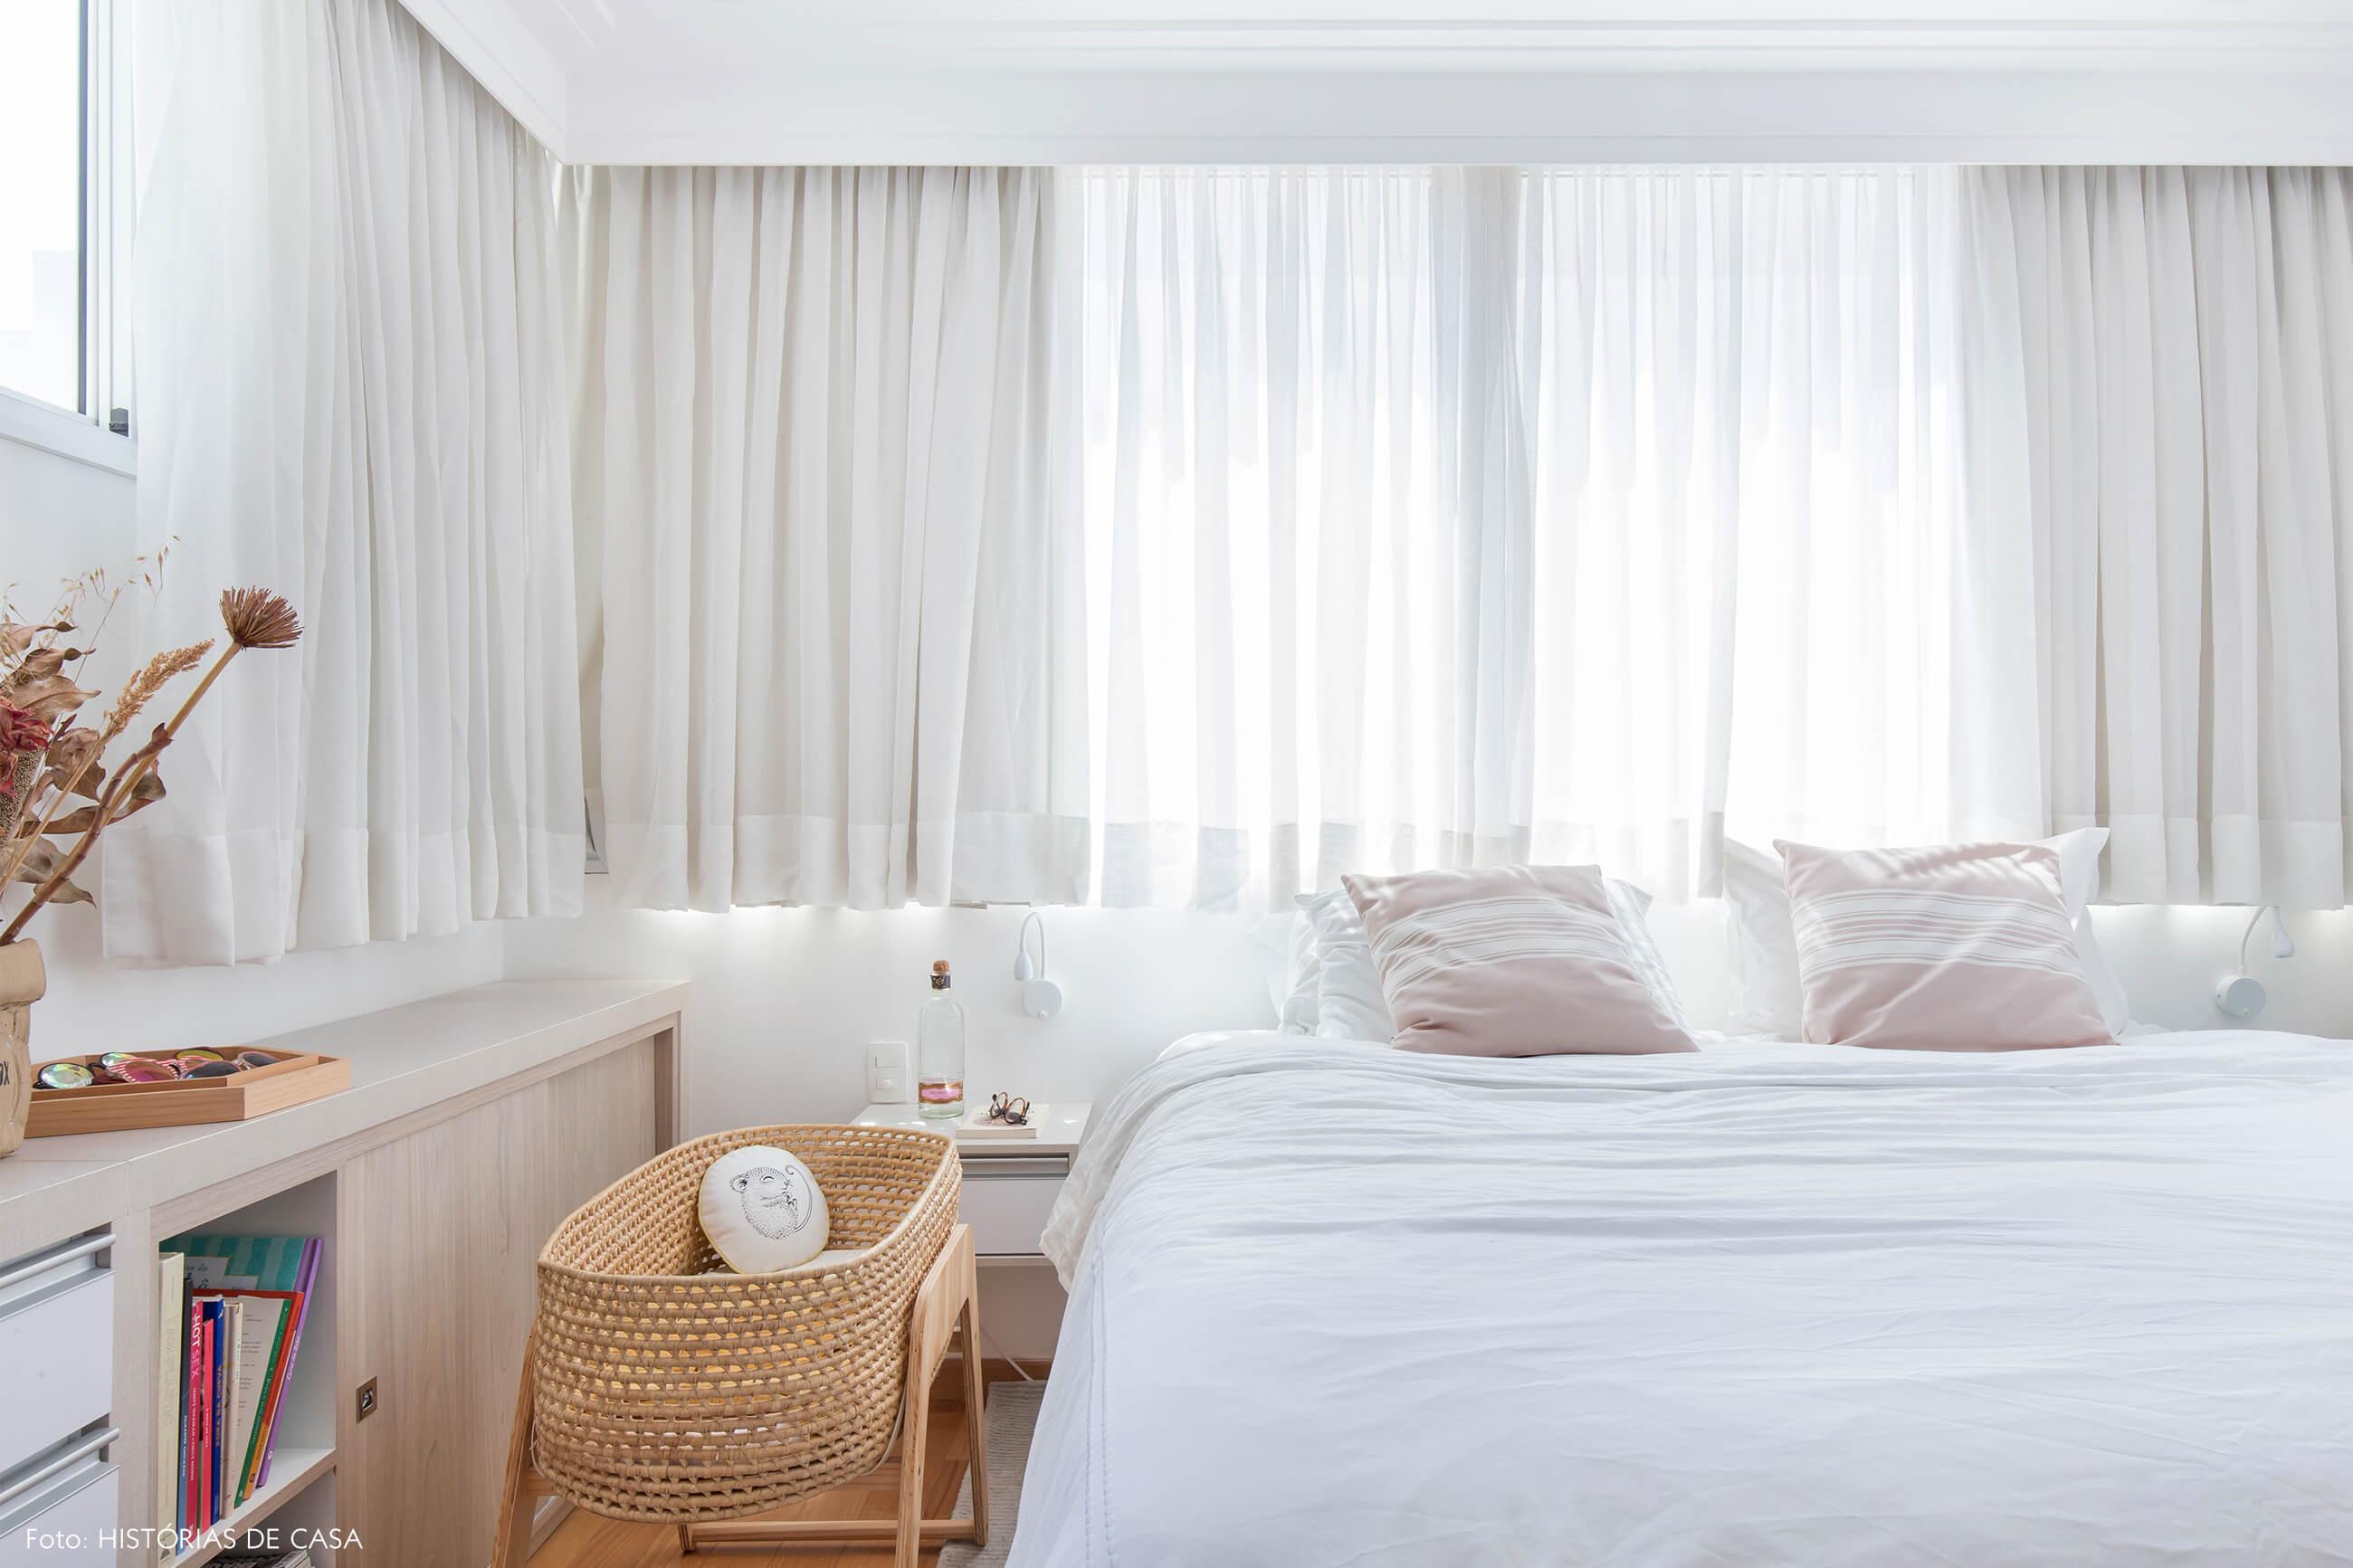 ju-cosi-decoração-quarto-com-berço-palha-e-cama-branca